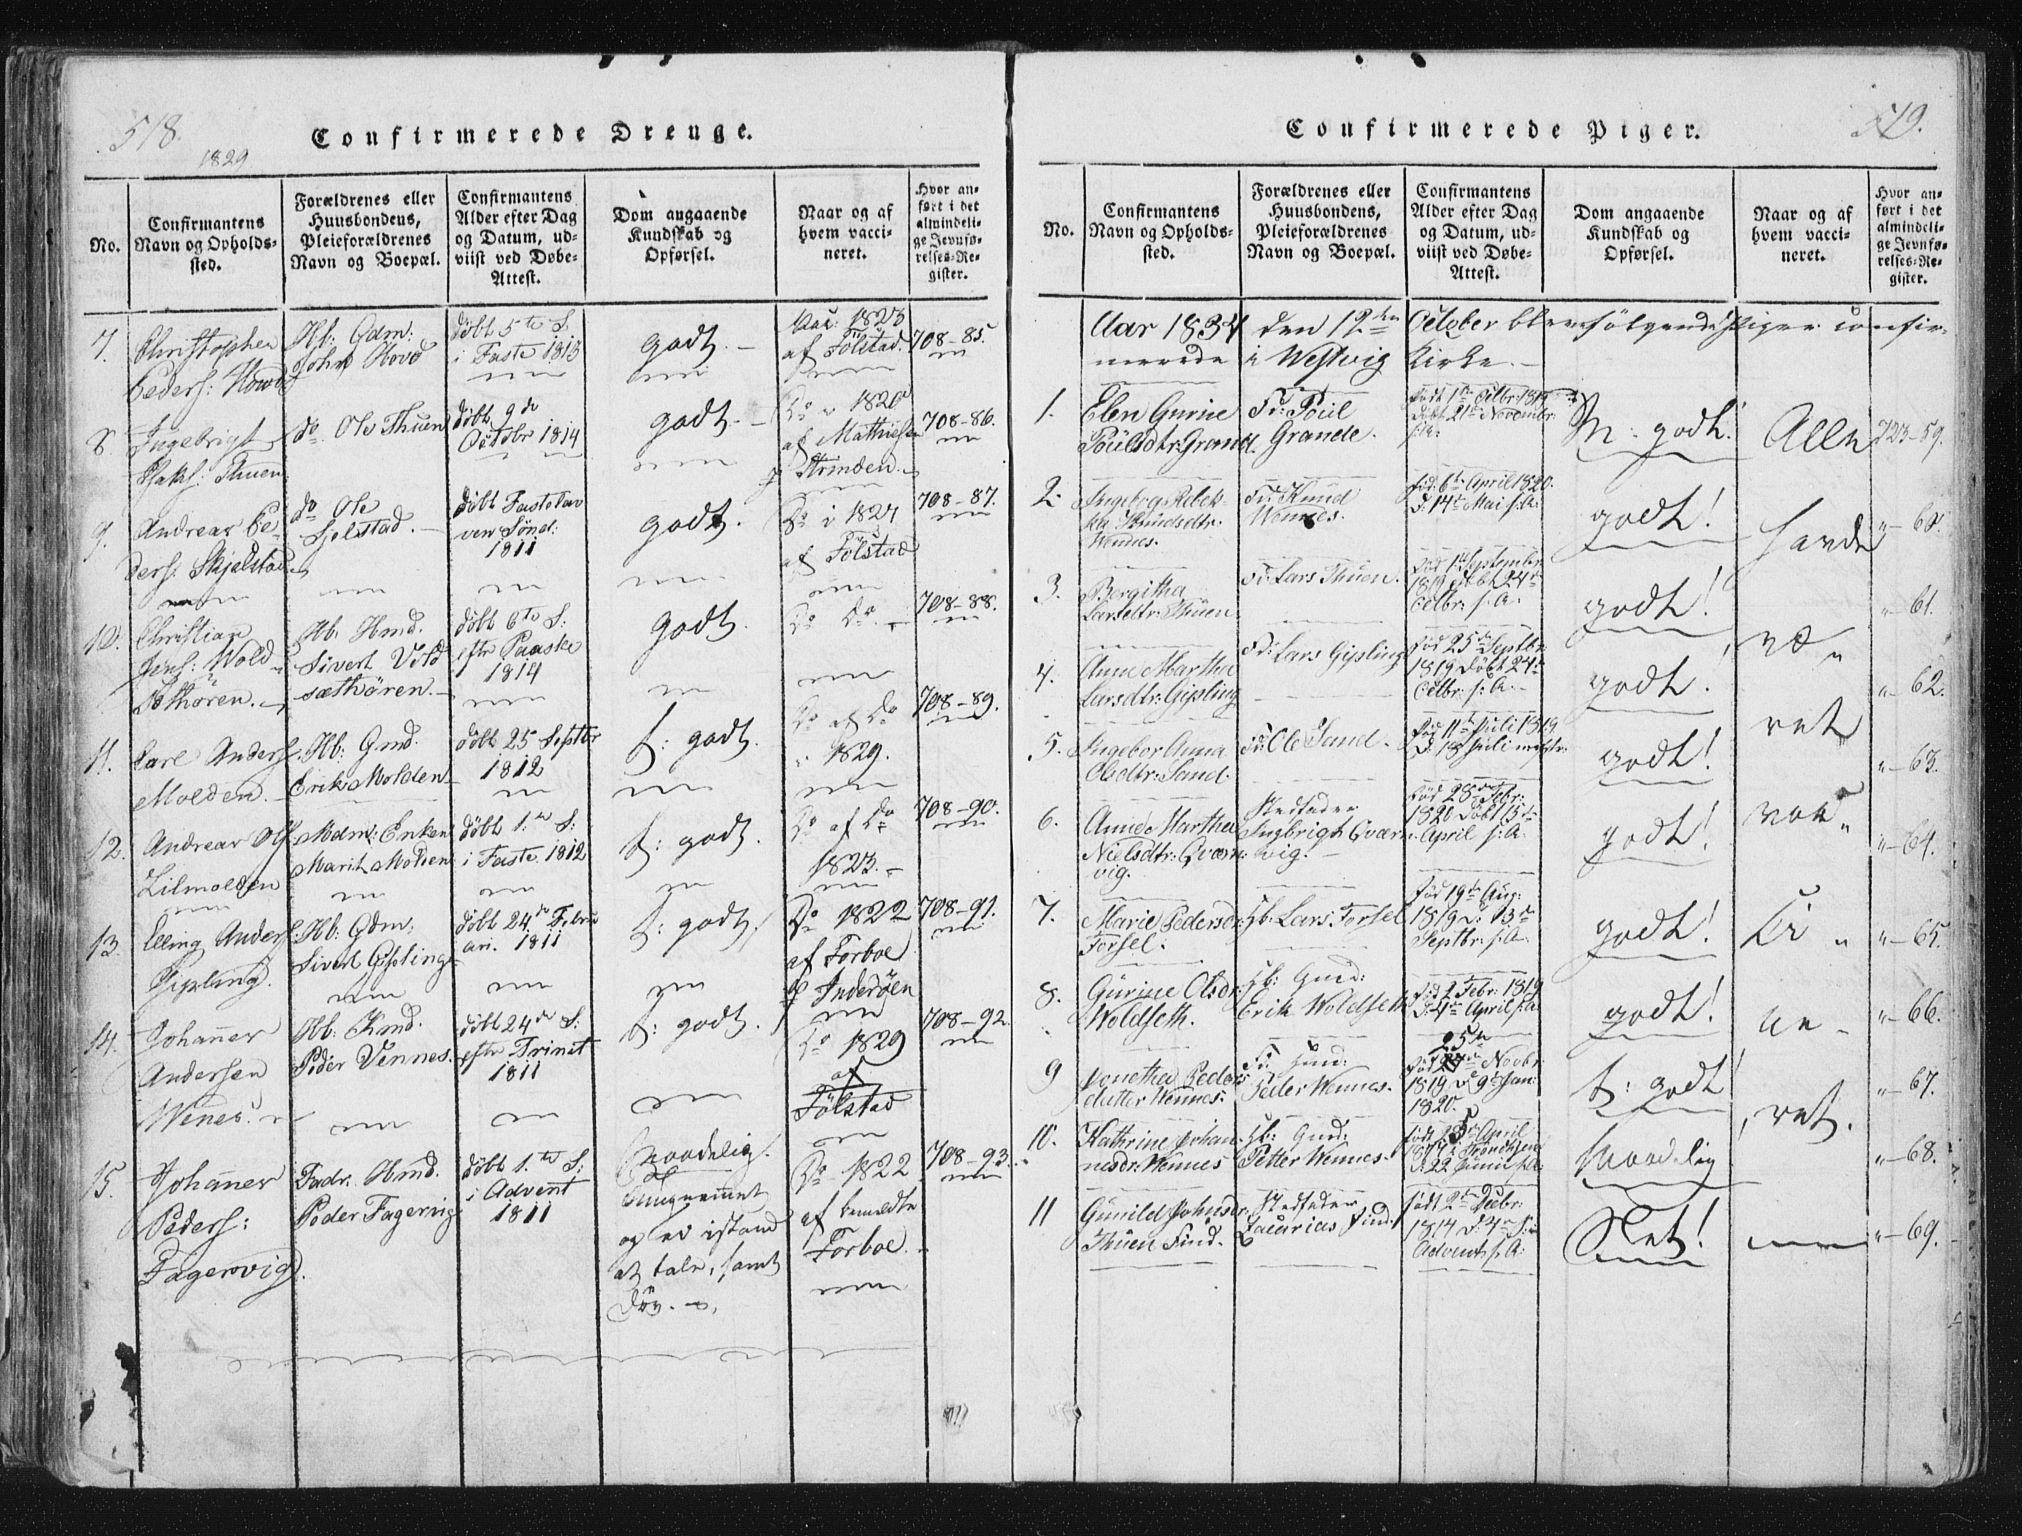 SAT, Ministerialprotokoller, klokkerbøker og fødselsregistre - Nord-Trøndelag, 744/L0417: Ministerialbok nr. 744A01, 1817-1842, s. 518-519